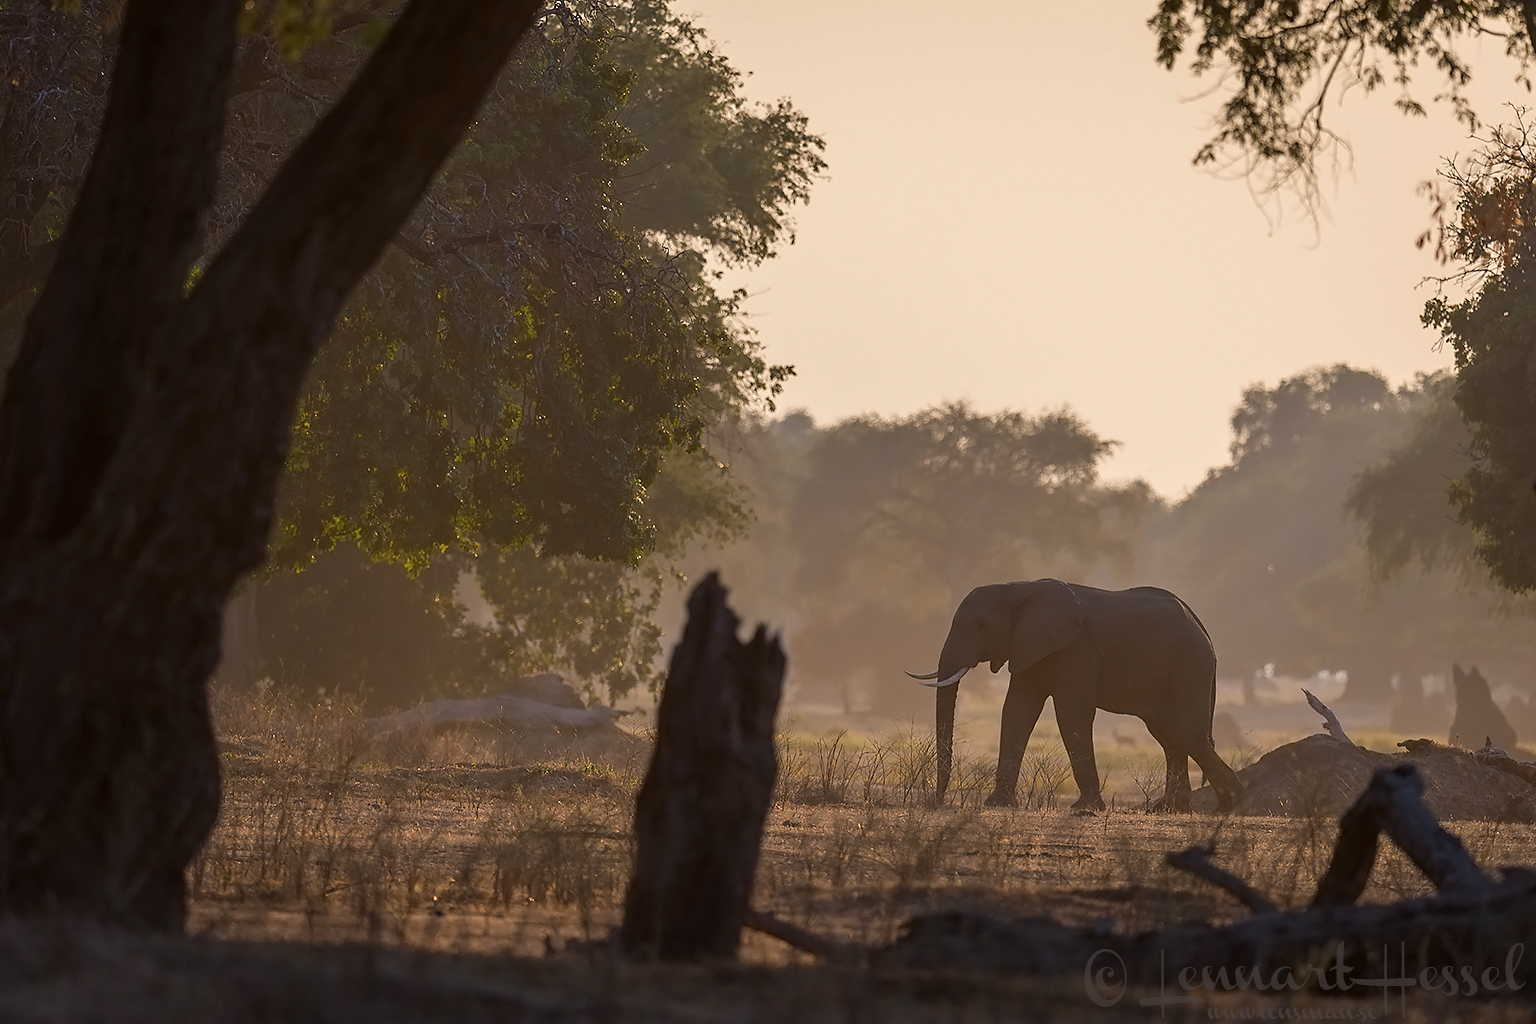 Elephant in habitat giants Mana Pools National Park, Zimbabwe